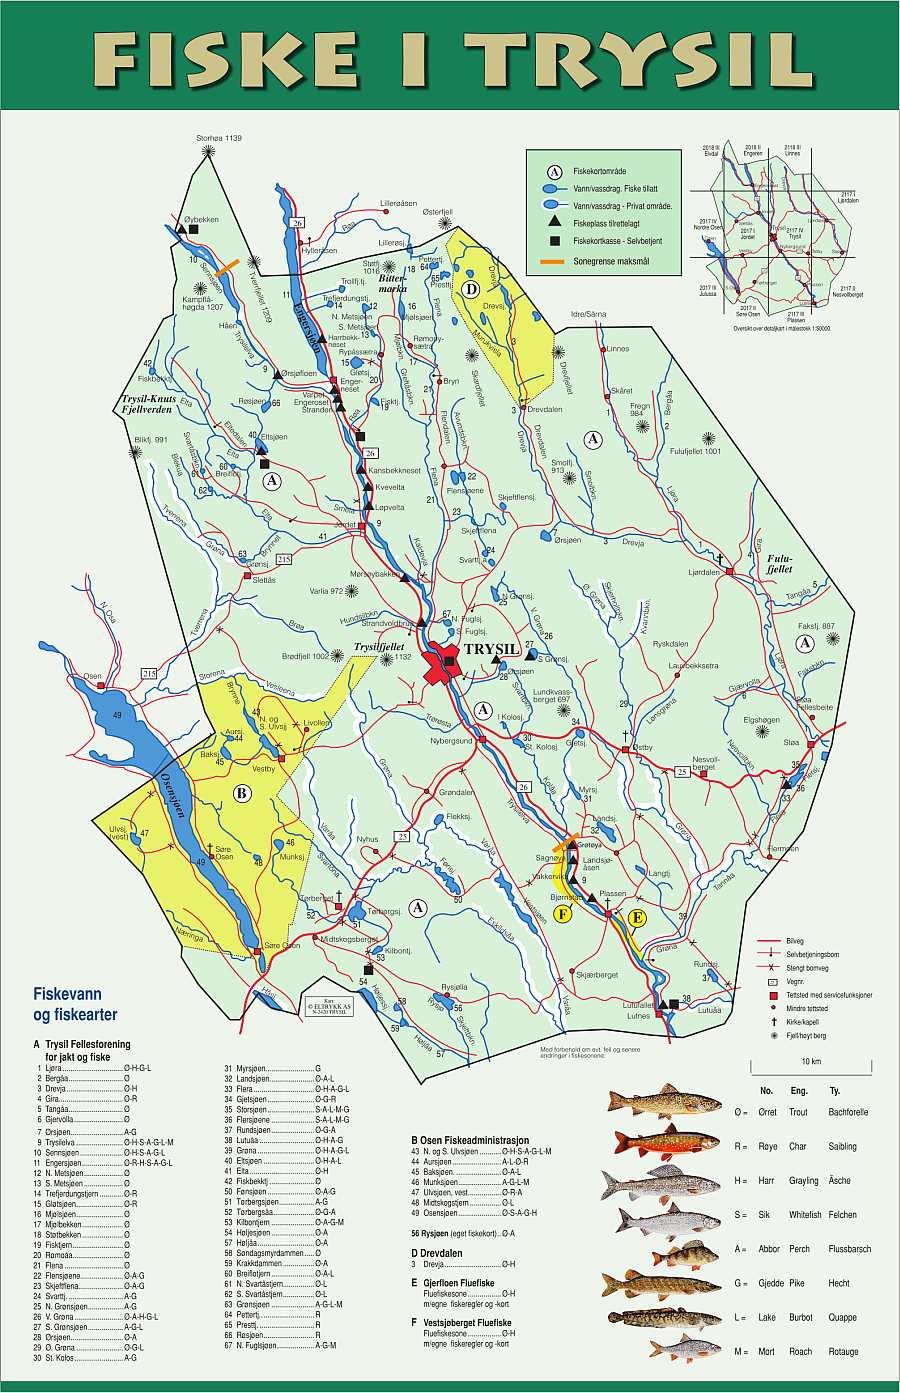 Die Angelkarte für die allgemeine Zone der Trysilelva und für etliche weitere Gewässer der Region (nur eine Lizenz nötig)